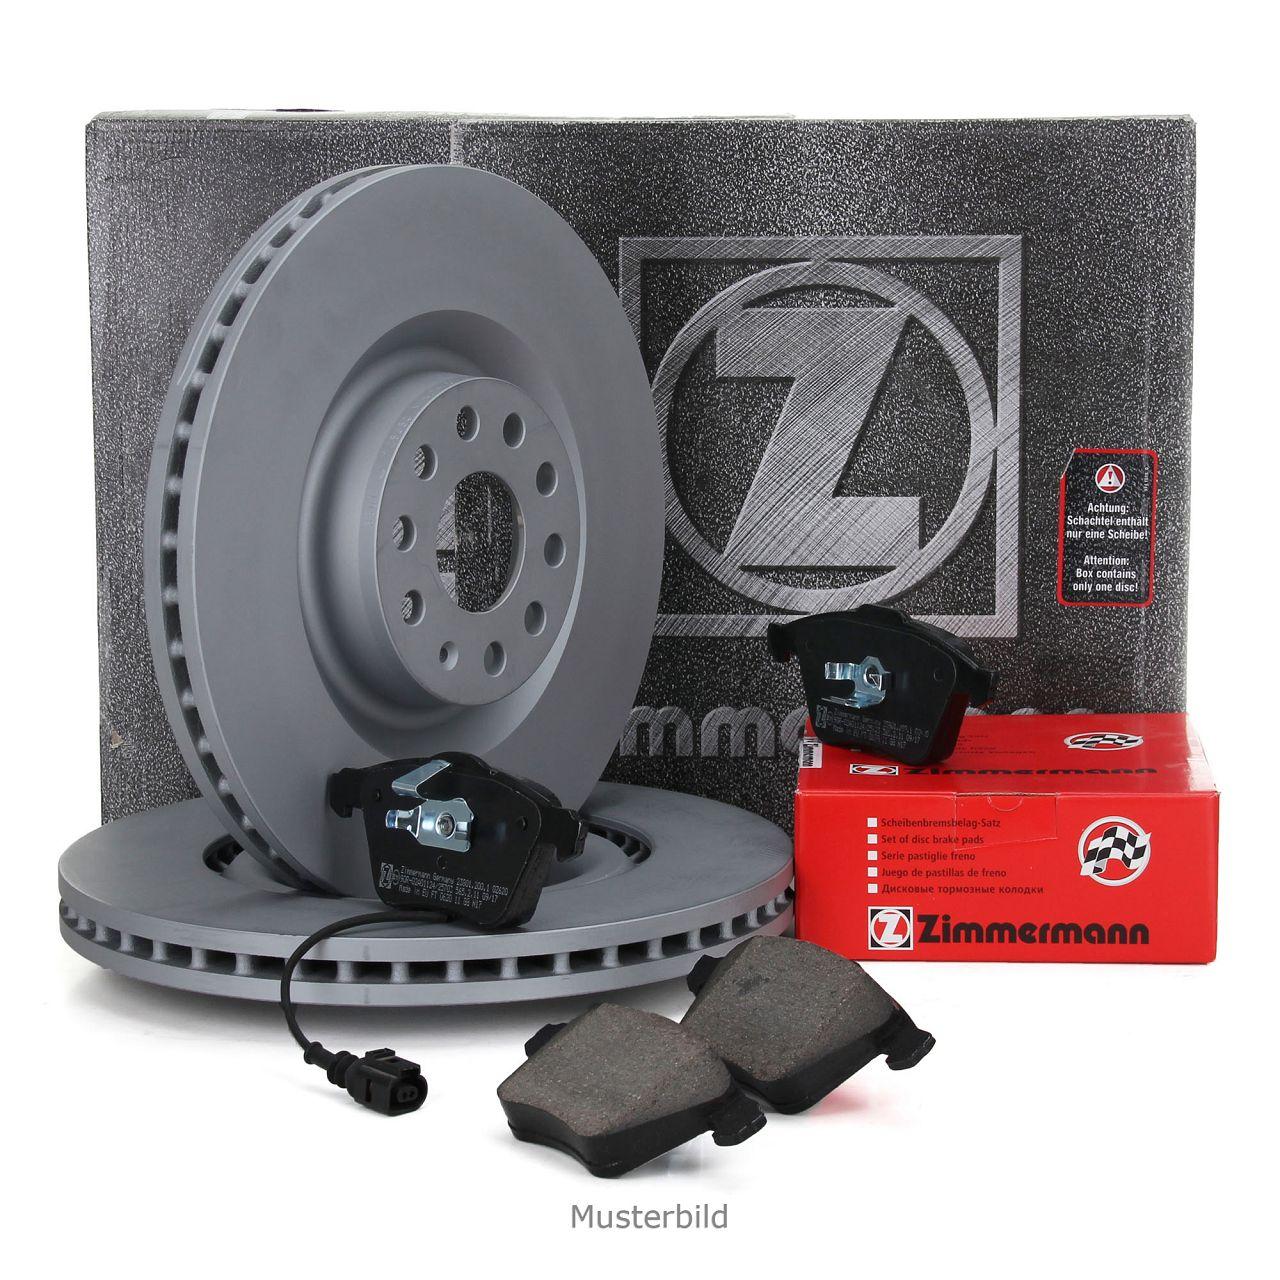 ZIMMERMANN Bremsscheiben Beläge Wako für AUDI A8 (4D2) 4.2 + S8 + 3.3 TDI vorne